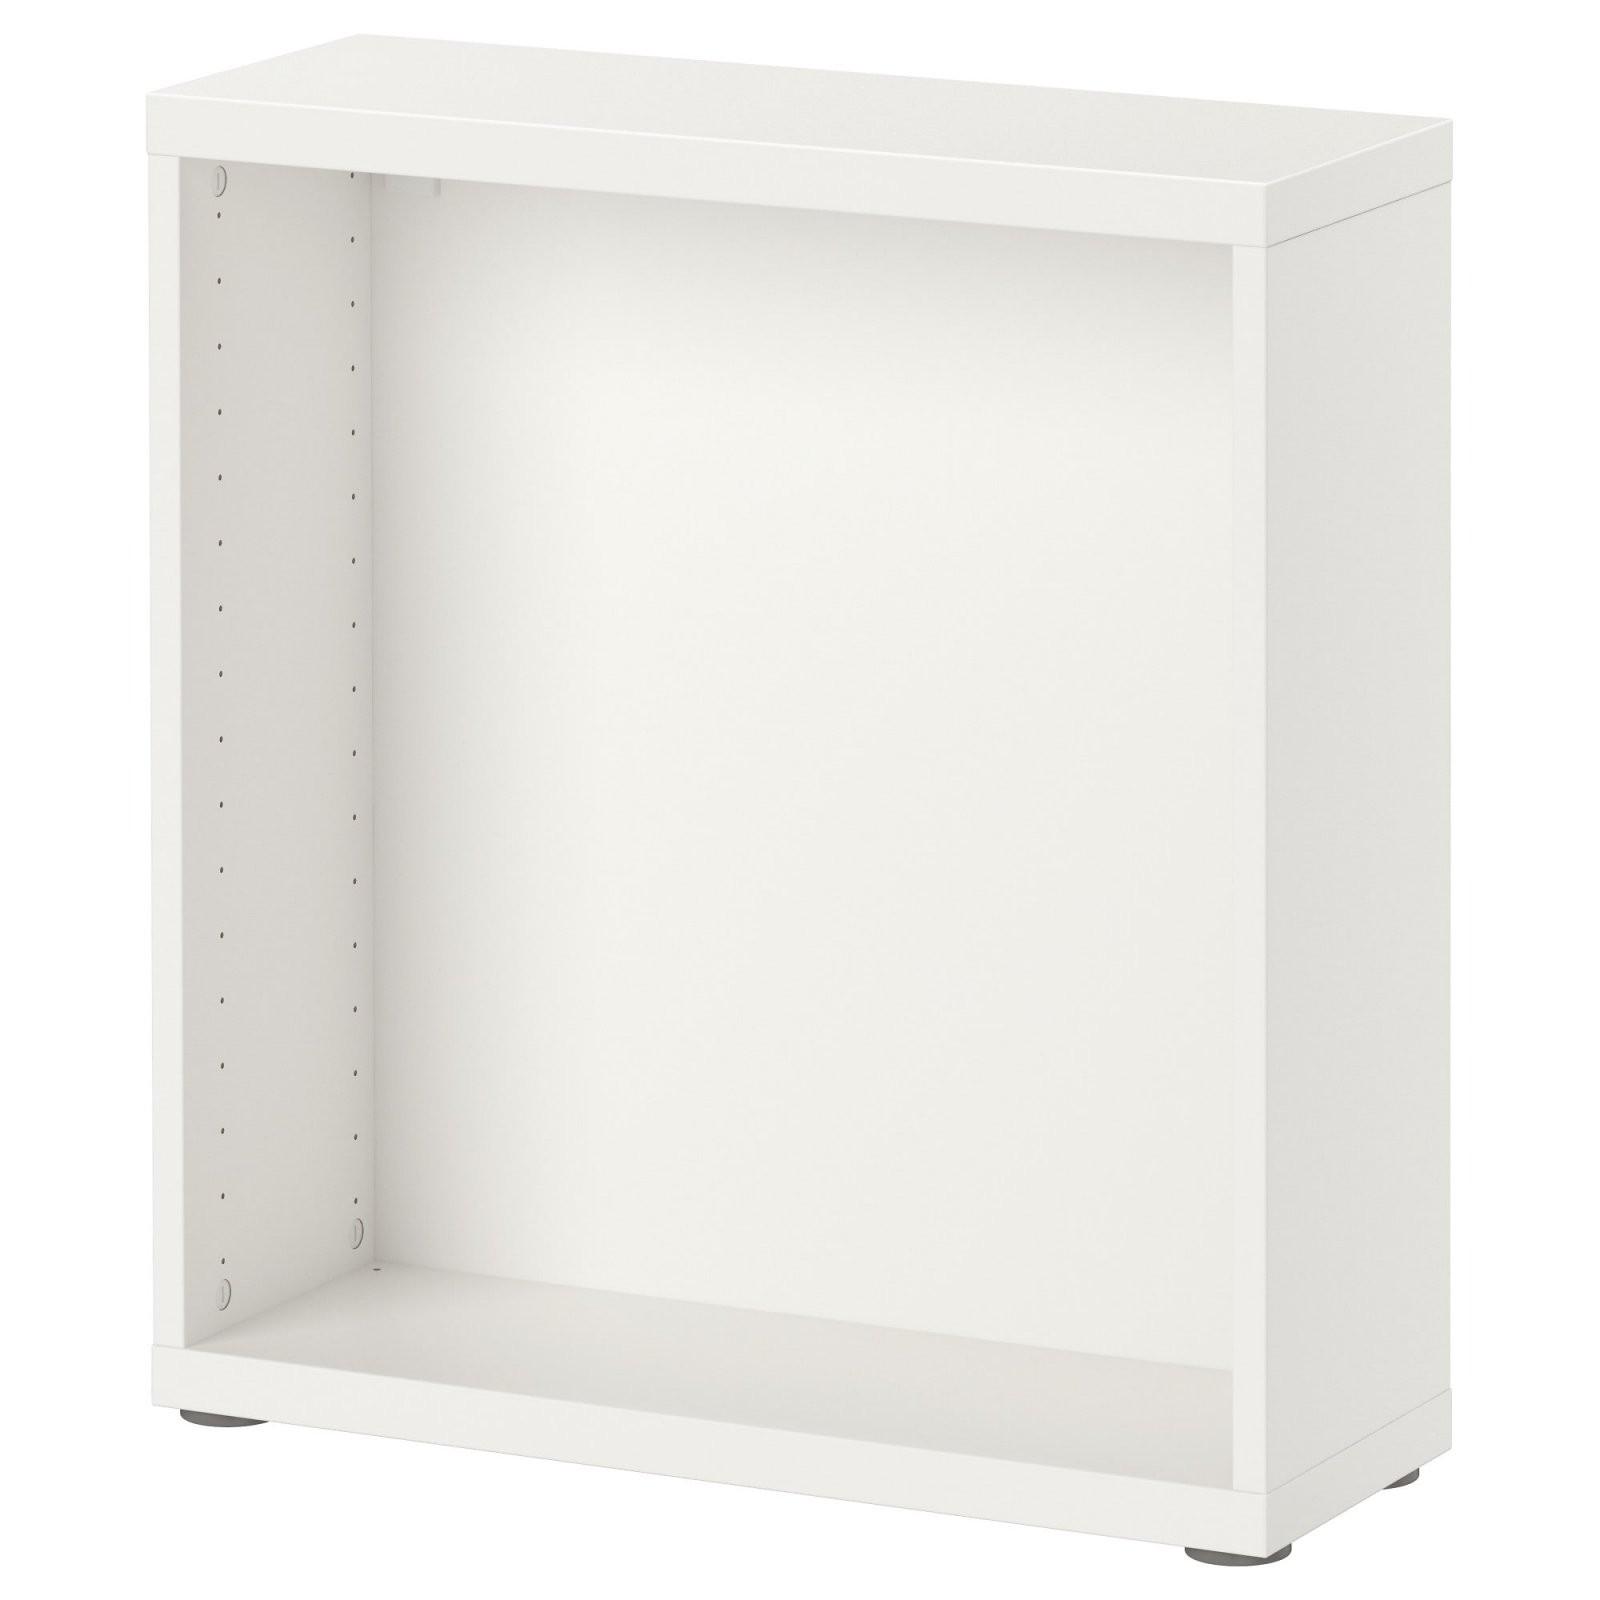 Schrank 20 Cm Tief Ikea Beste Pe S  Lopeskonorge von Wandschrank 20 Cm Tief Bild